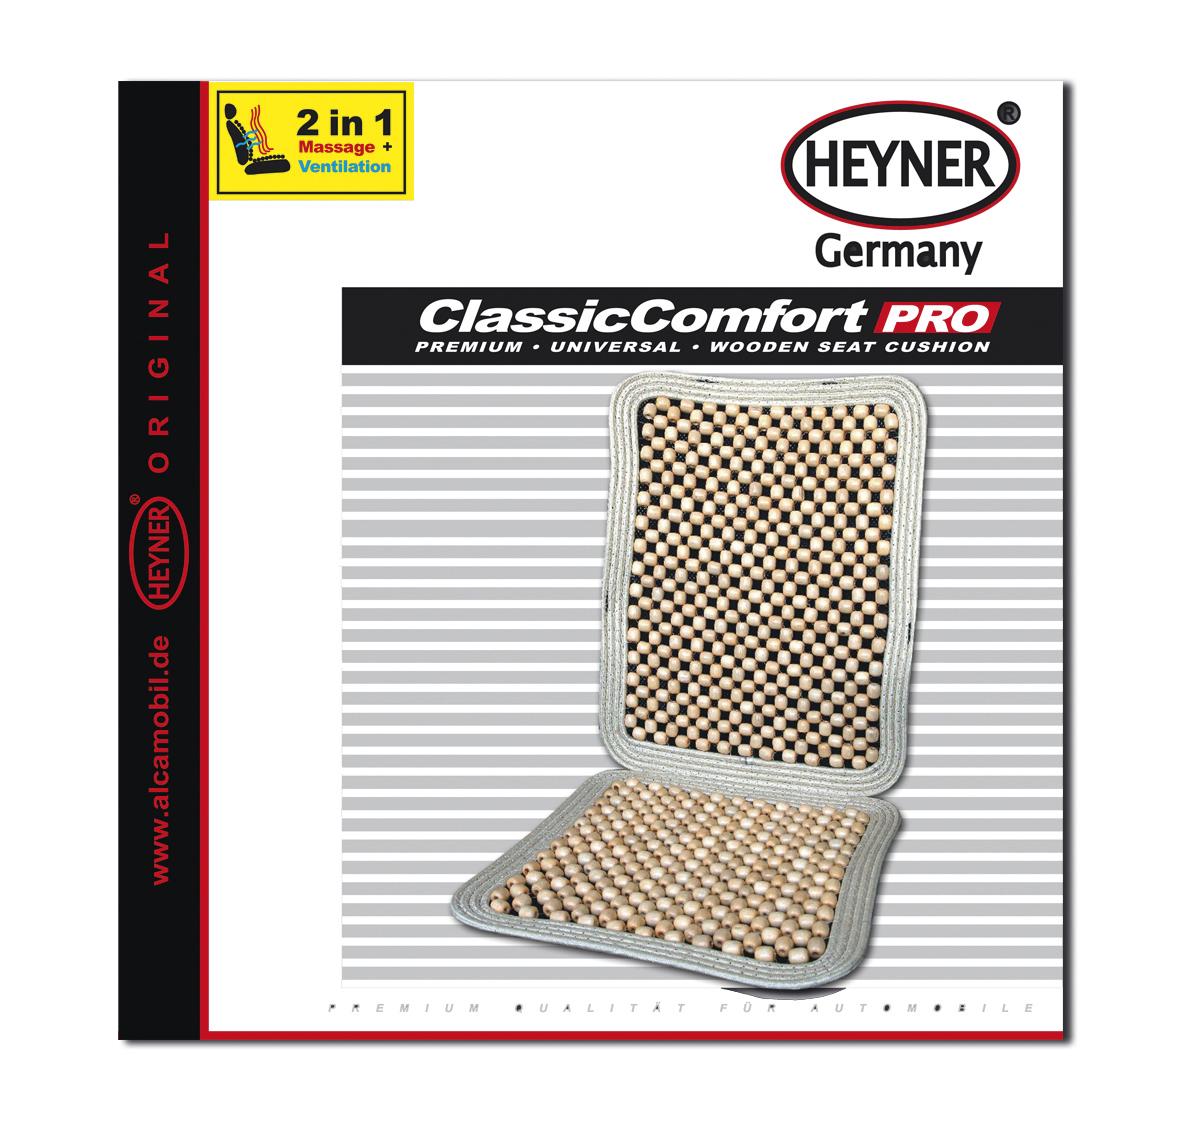 Накидка-массажер на сиденье Heyner, деревянные шарики, сиденье 38 х 38 см, спинка 50 х 38 см98298130Накидка Heyner обеспечивает массаж и охлаждение для водителя и пассажиров посредством деревянных шариков. Быстро и просто устанавливается на все типы автомобильных сидений.Размер сиденья: 38 х 38 см.Размер спинки: 50 х 38 см.